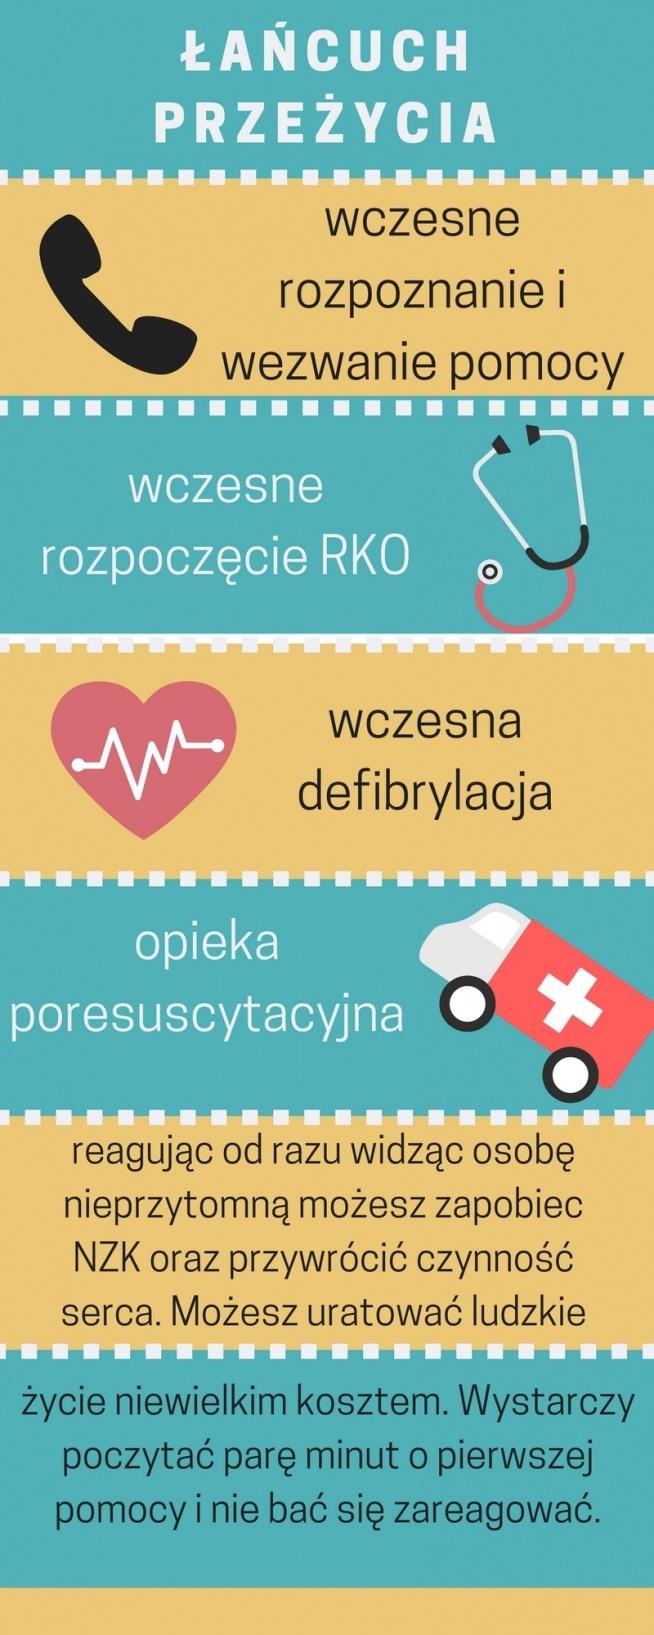 Każdy powinien być świadomy i umieć udzielać pierwszej pomocy. Nie wiadomo kiedy my tego będziemy potrzebowali. W tym celu stworzyłam grafikę - łańcuch przeżycia. Warto poświęcić chwilę aby poczytać o pierwszej pomocy przedmedycznej. Piszę to z perspektywy ofiary chorej na serce, która jest po 2 zatrzymaniach - więc dwóch potrzebach RKO oraz z perspektywy ratownika.